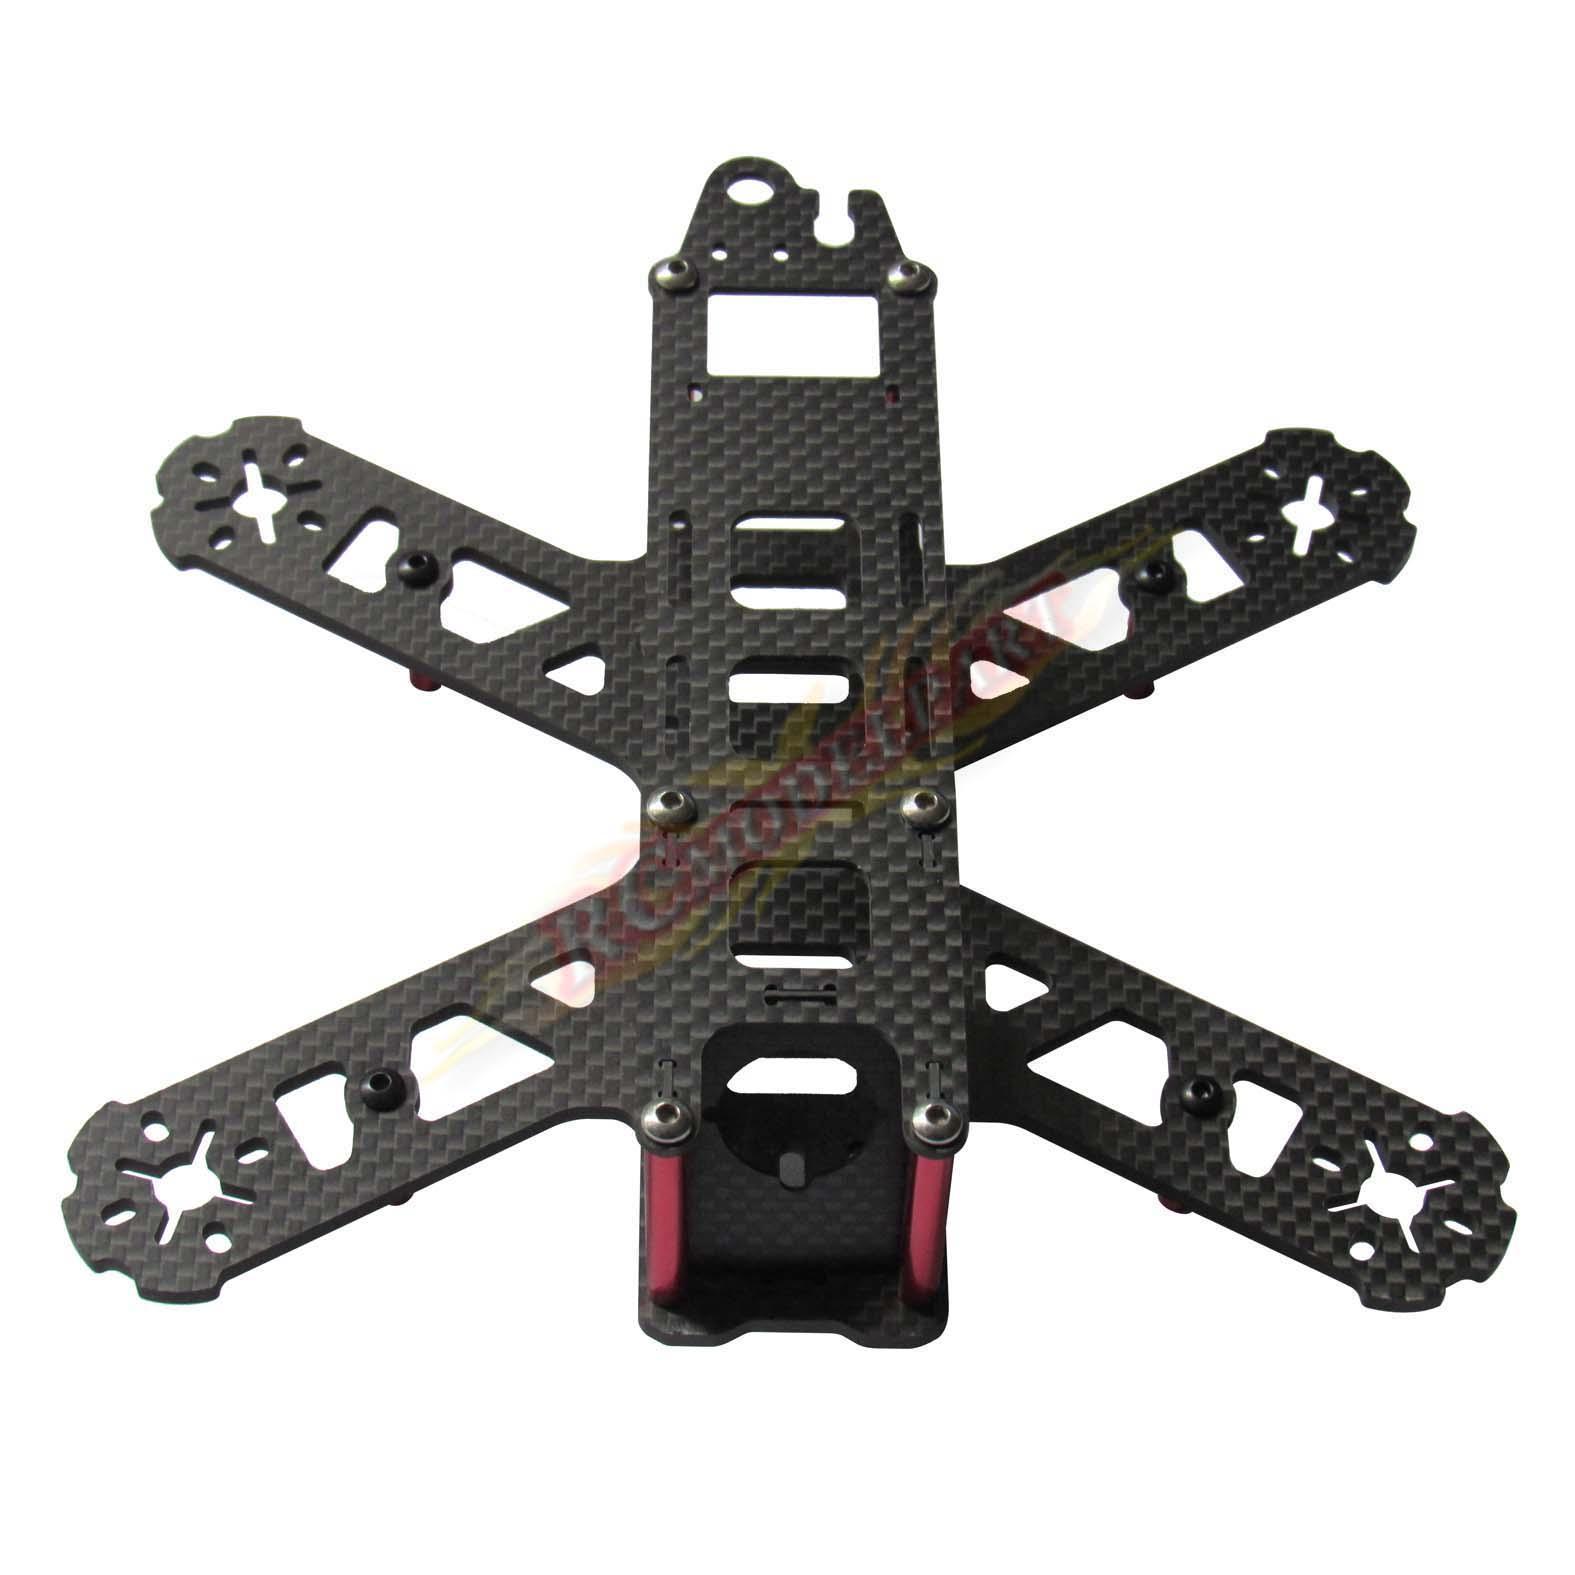 Best 3k Carbon Fiber Qav210 Frame Kit V2 Mini Fpv Drone Racing ...